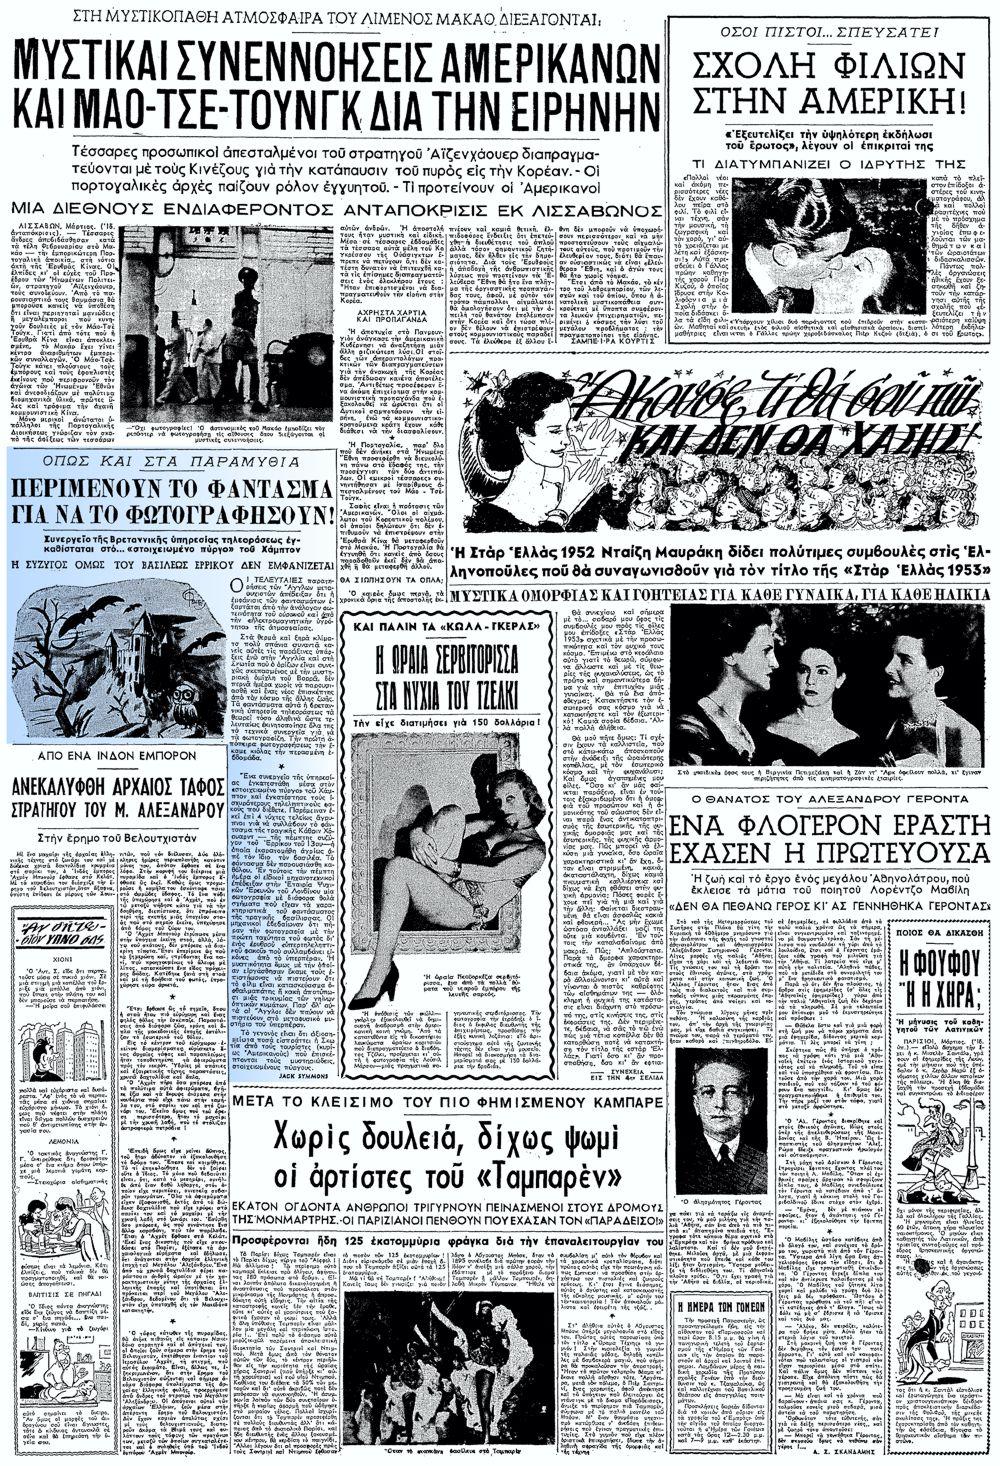 """Το άρθρο, όπως δημοσιεύθηκε στην εφημερίδα """"ΕΜΠΡΟΣ"""", στις 20/03/1953"""